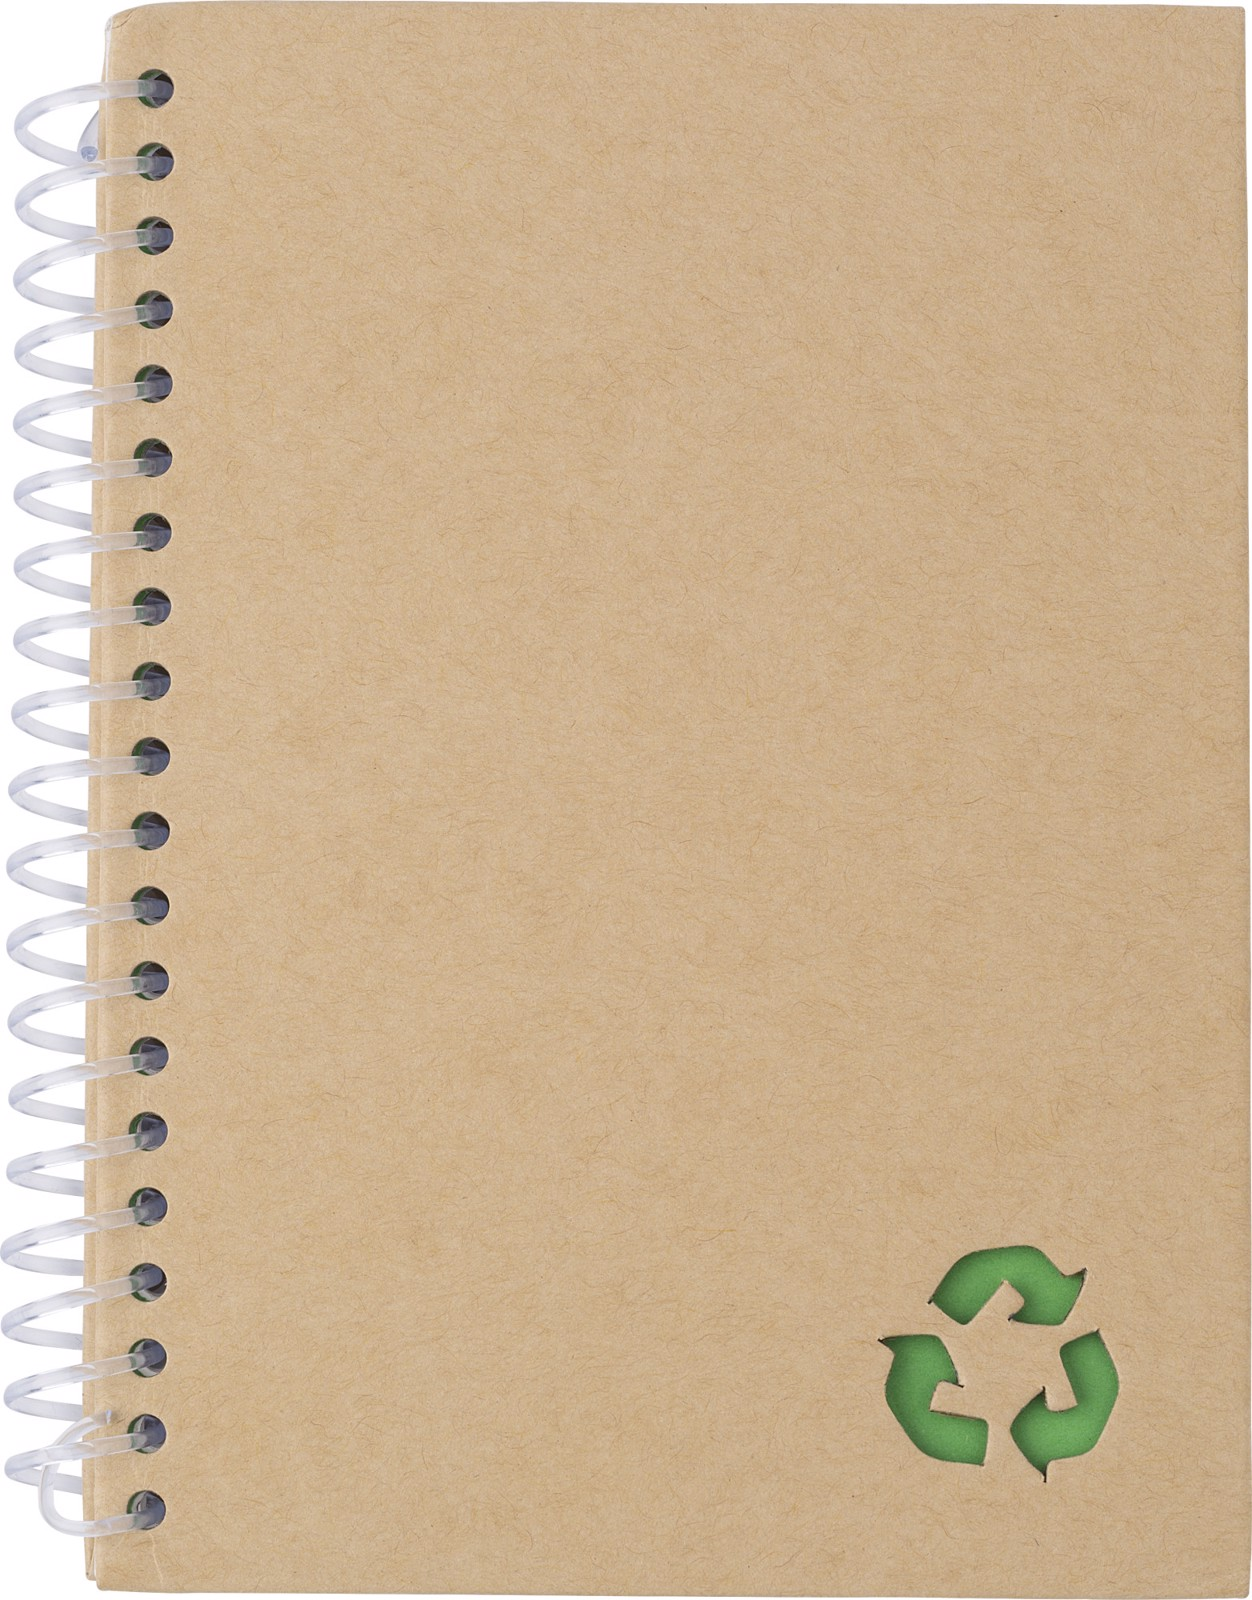 Cuaderno de papel de piedra - Green